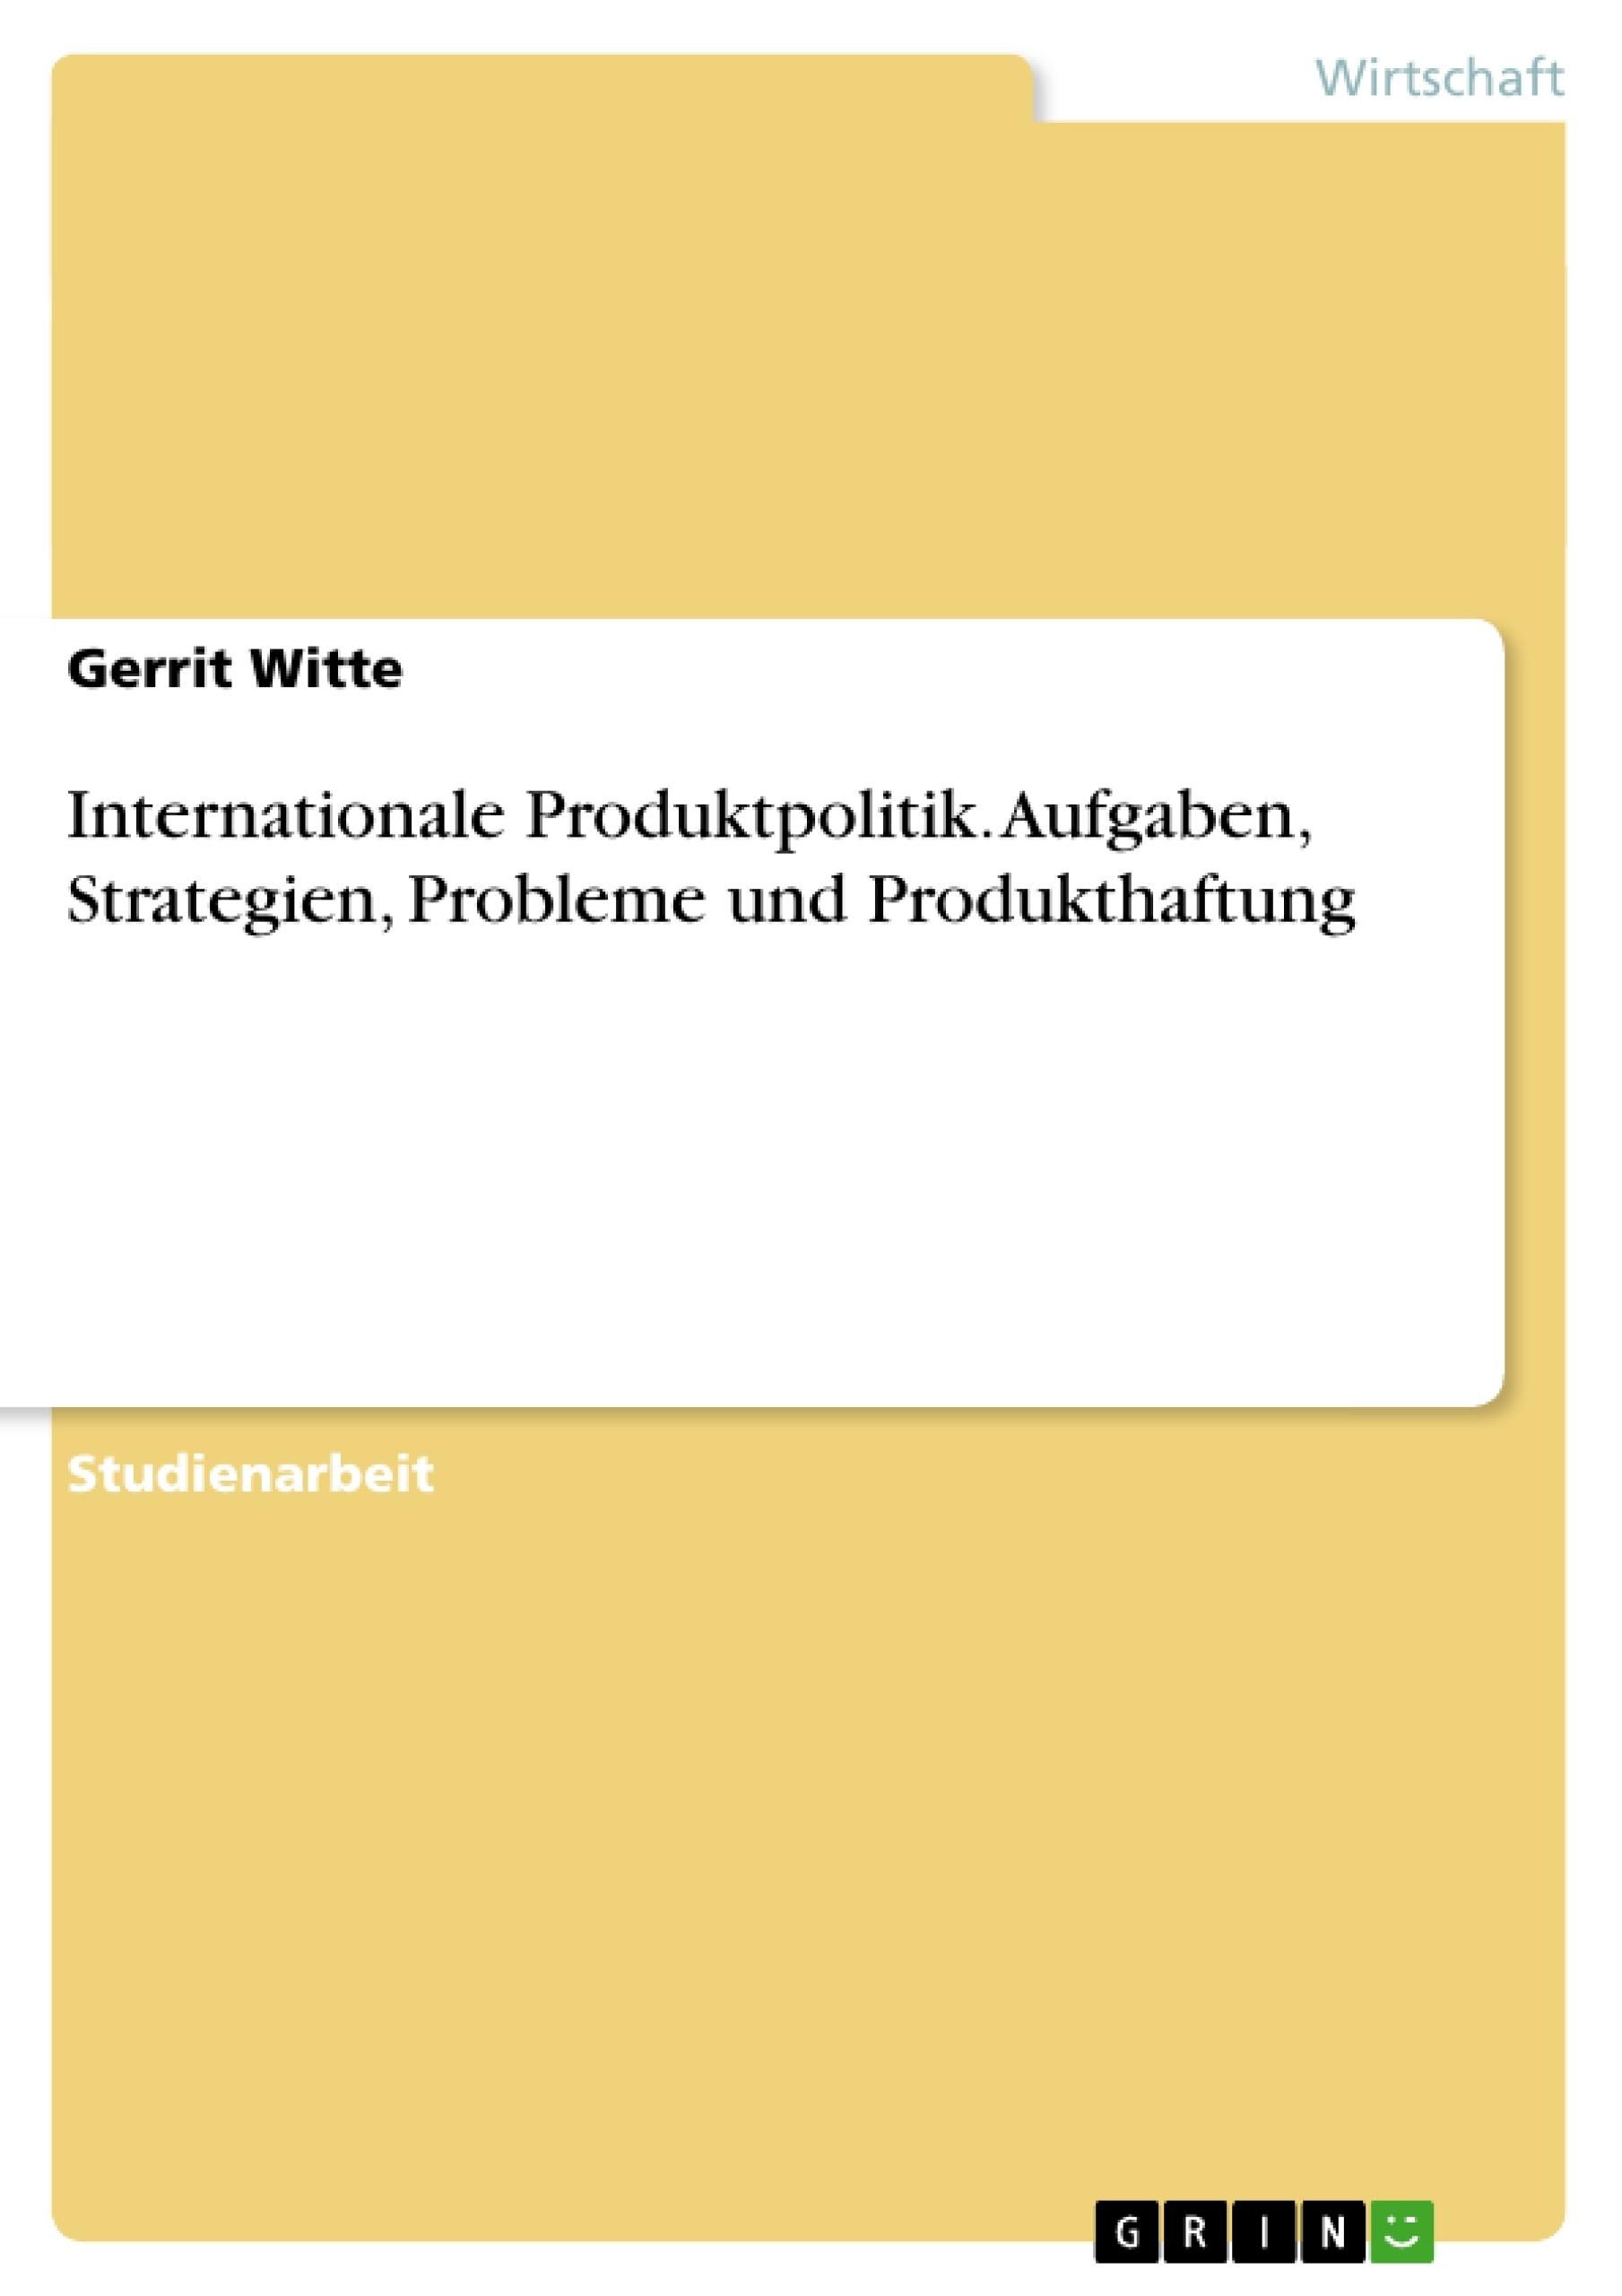 Titel: Internationale Produktpolitik. Aufgaben, Strategien, Probleme und Produkthaftung